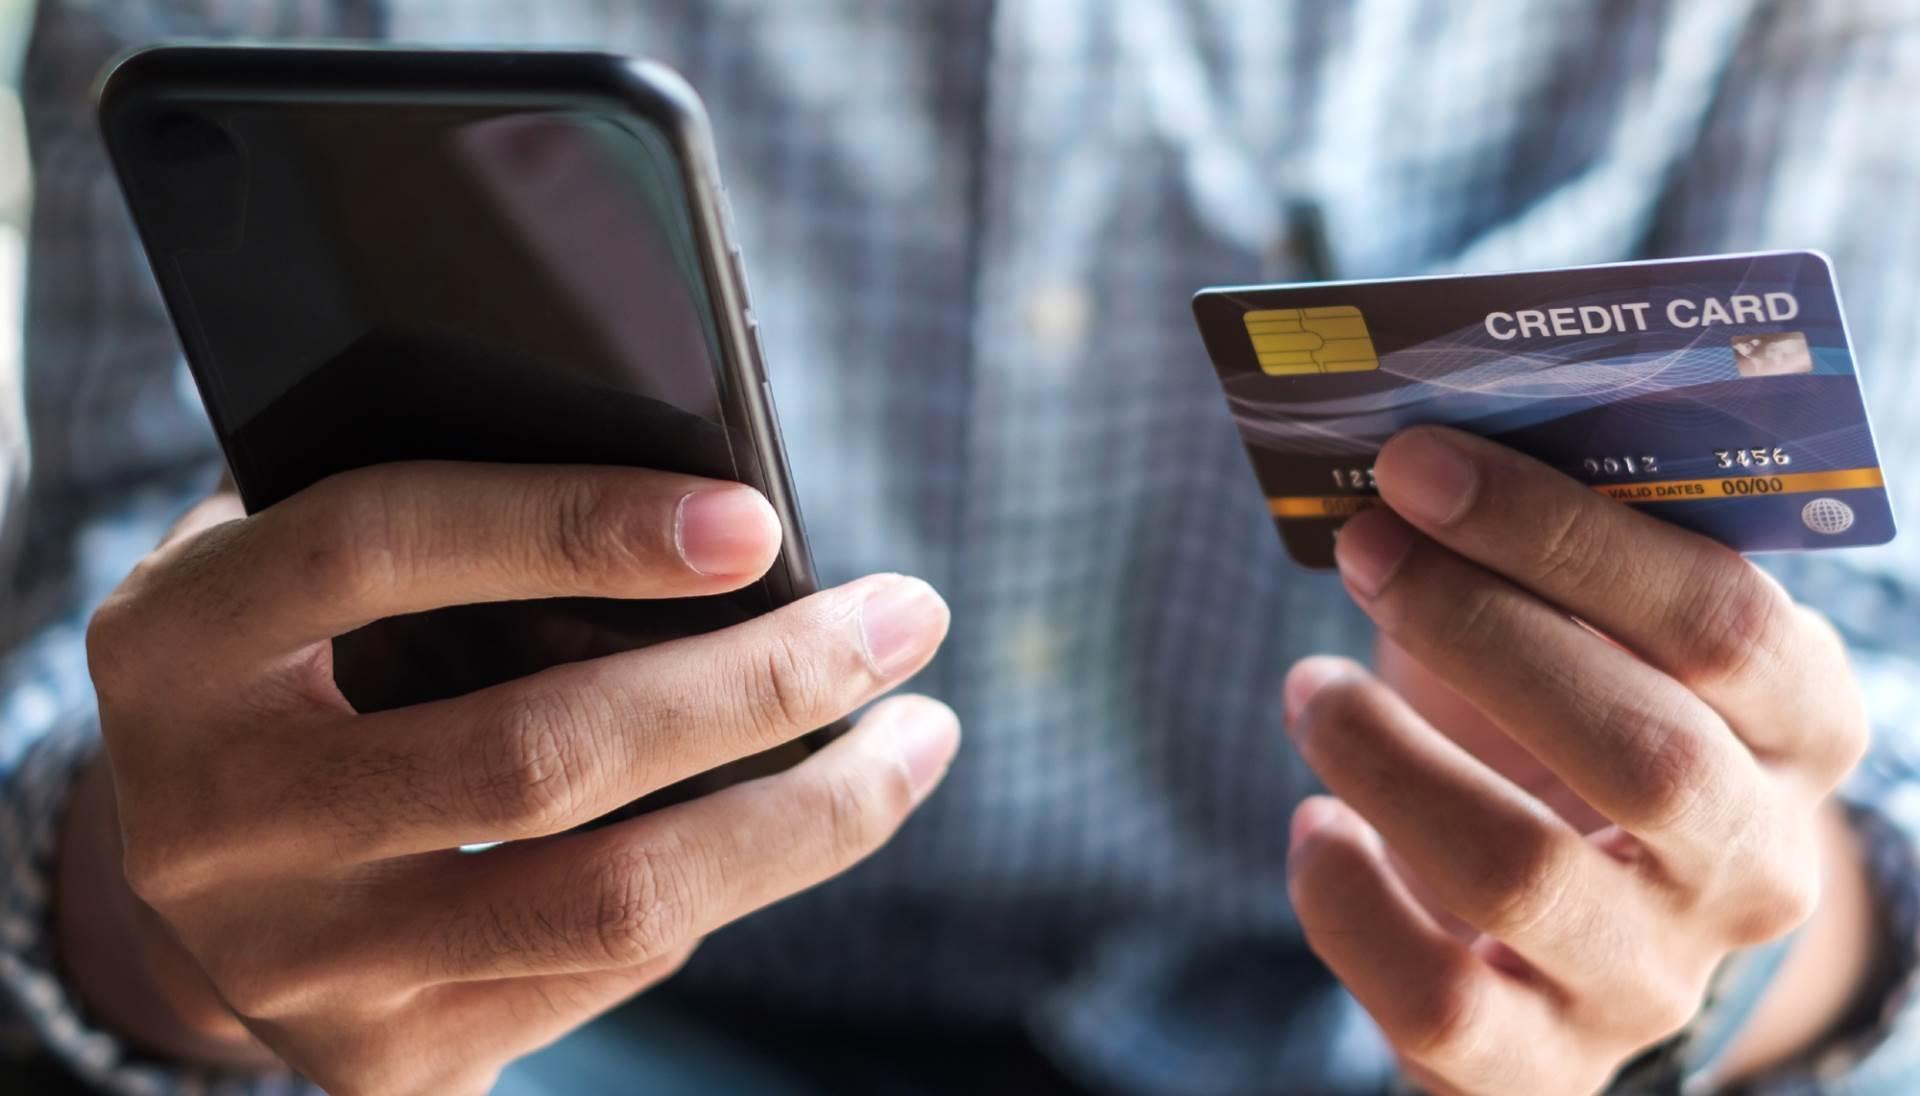 eshopping, kupovina, mobilni, trgovina, kartica, kreditna kartica